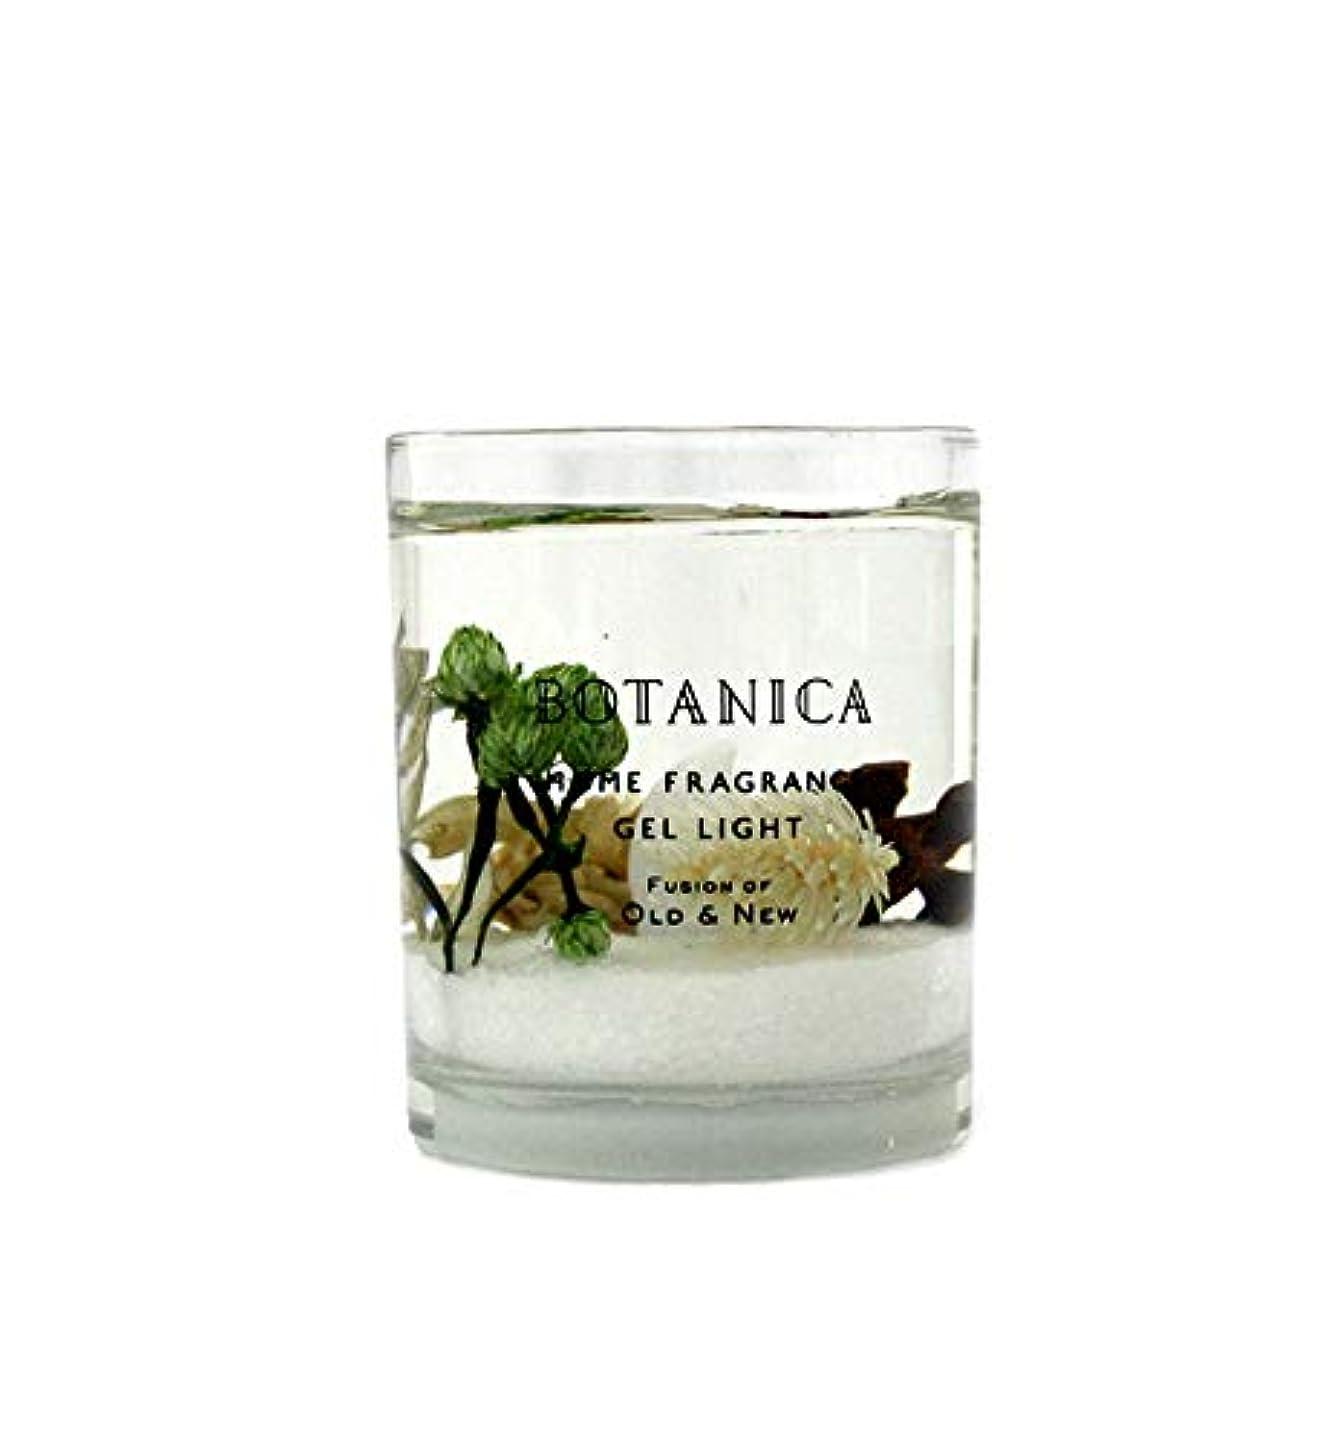 純粋に後世起点BOTANICA(ボタニカ) BOTANICA ハーバリウムジェルライト ネイトハーブ Herbarium Gel Light Neat Herbs ボタニカ H75×Φ60mm/90g